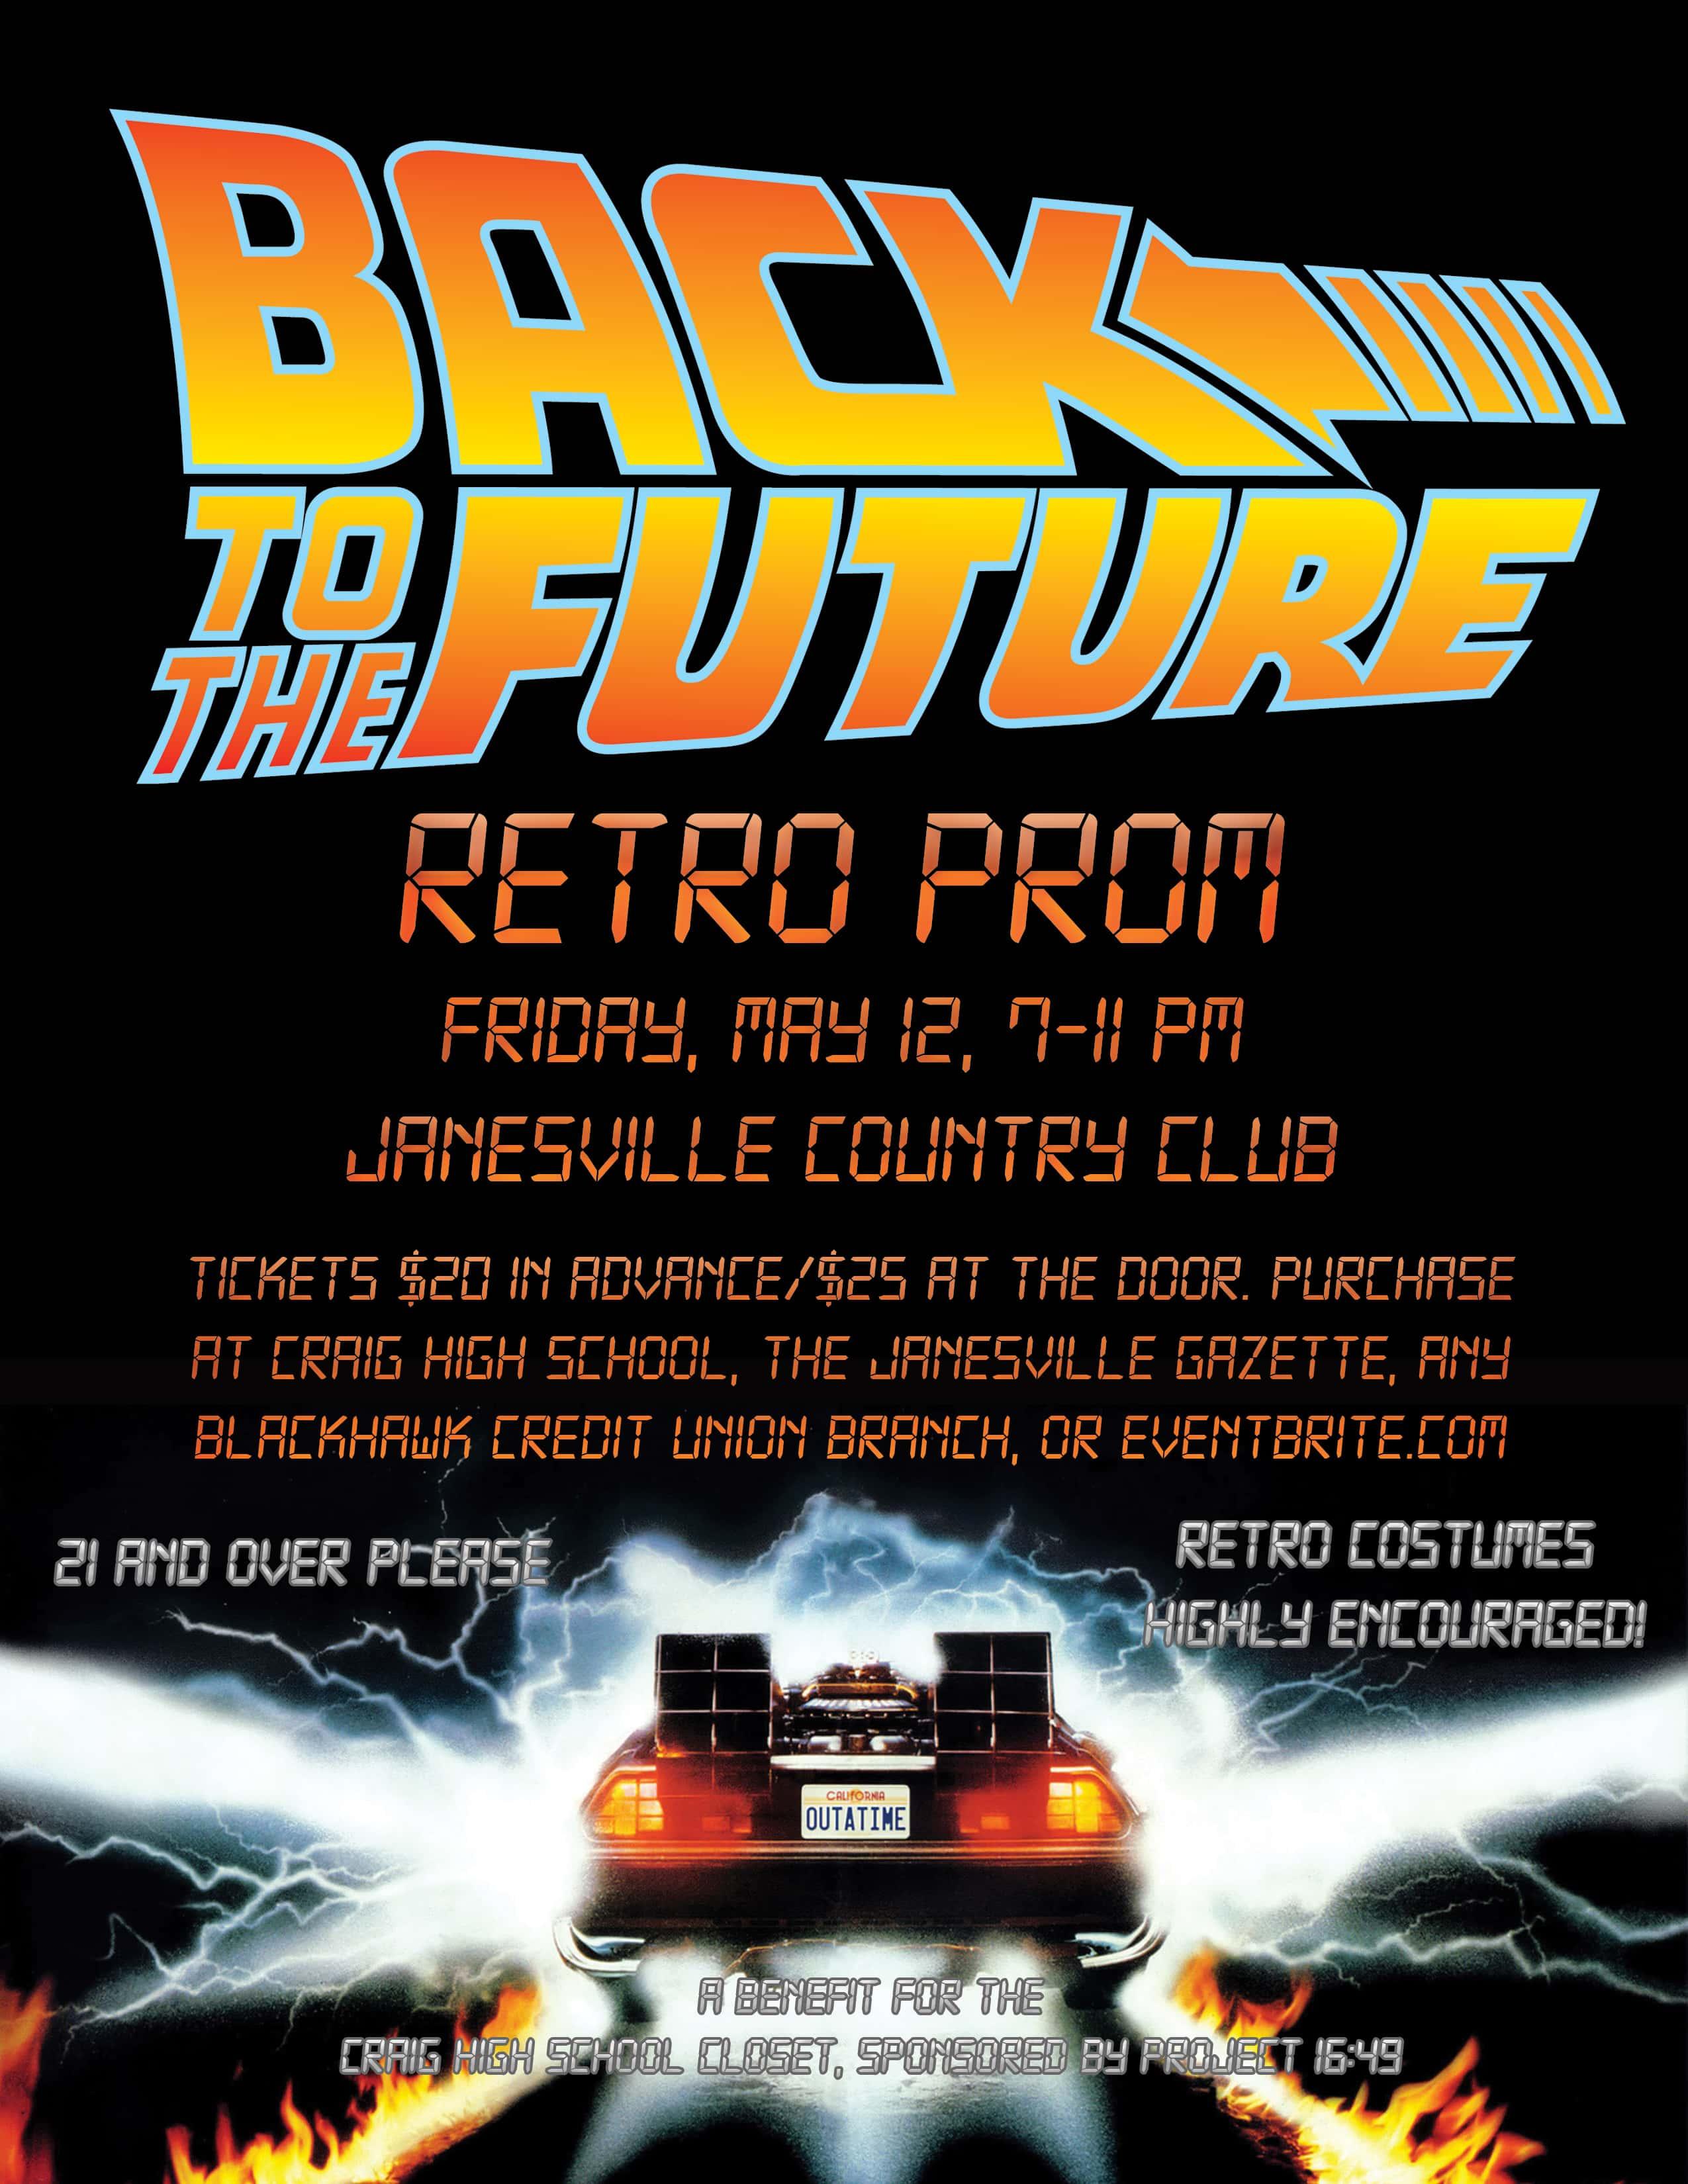 Back To The Future Retro Prom